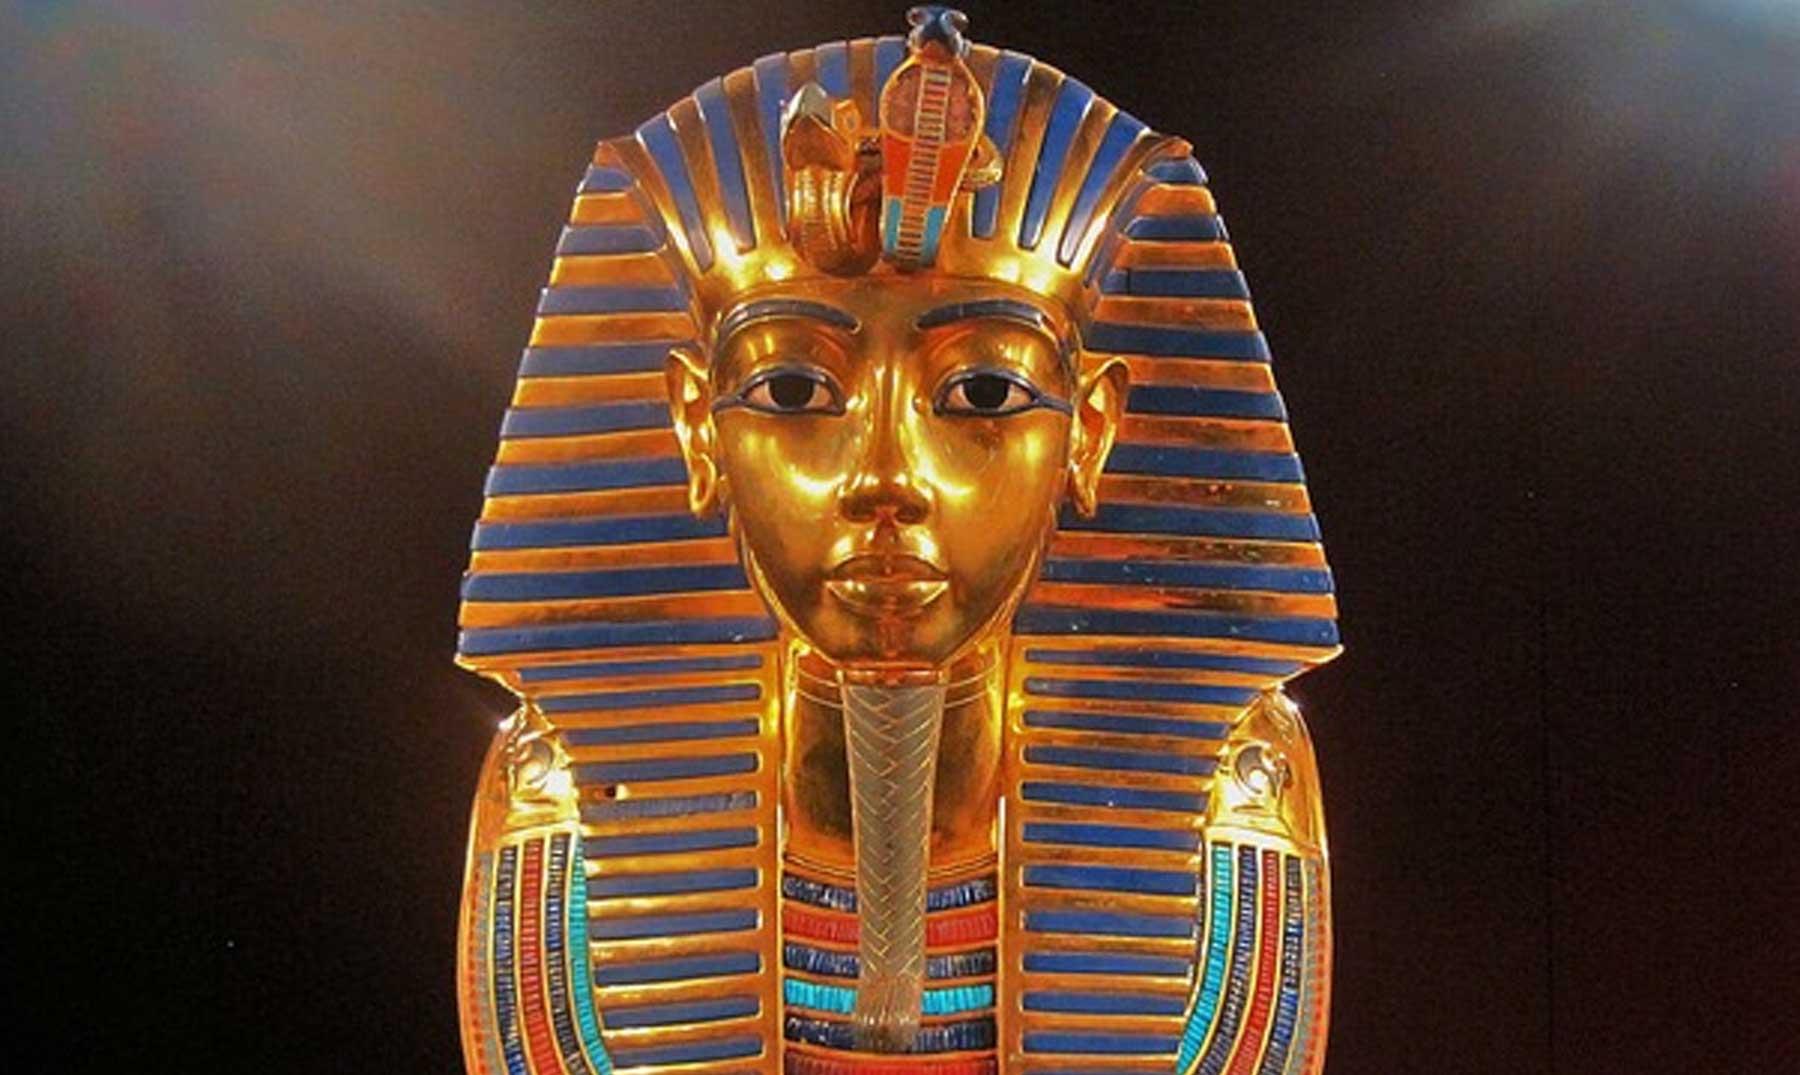 Mister antic elucidat: de ce a fost Tutankhamon îngropat cu penisul în erecţie?